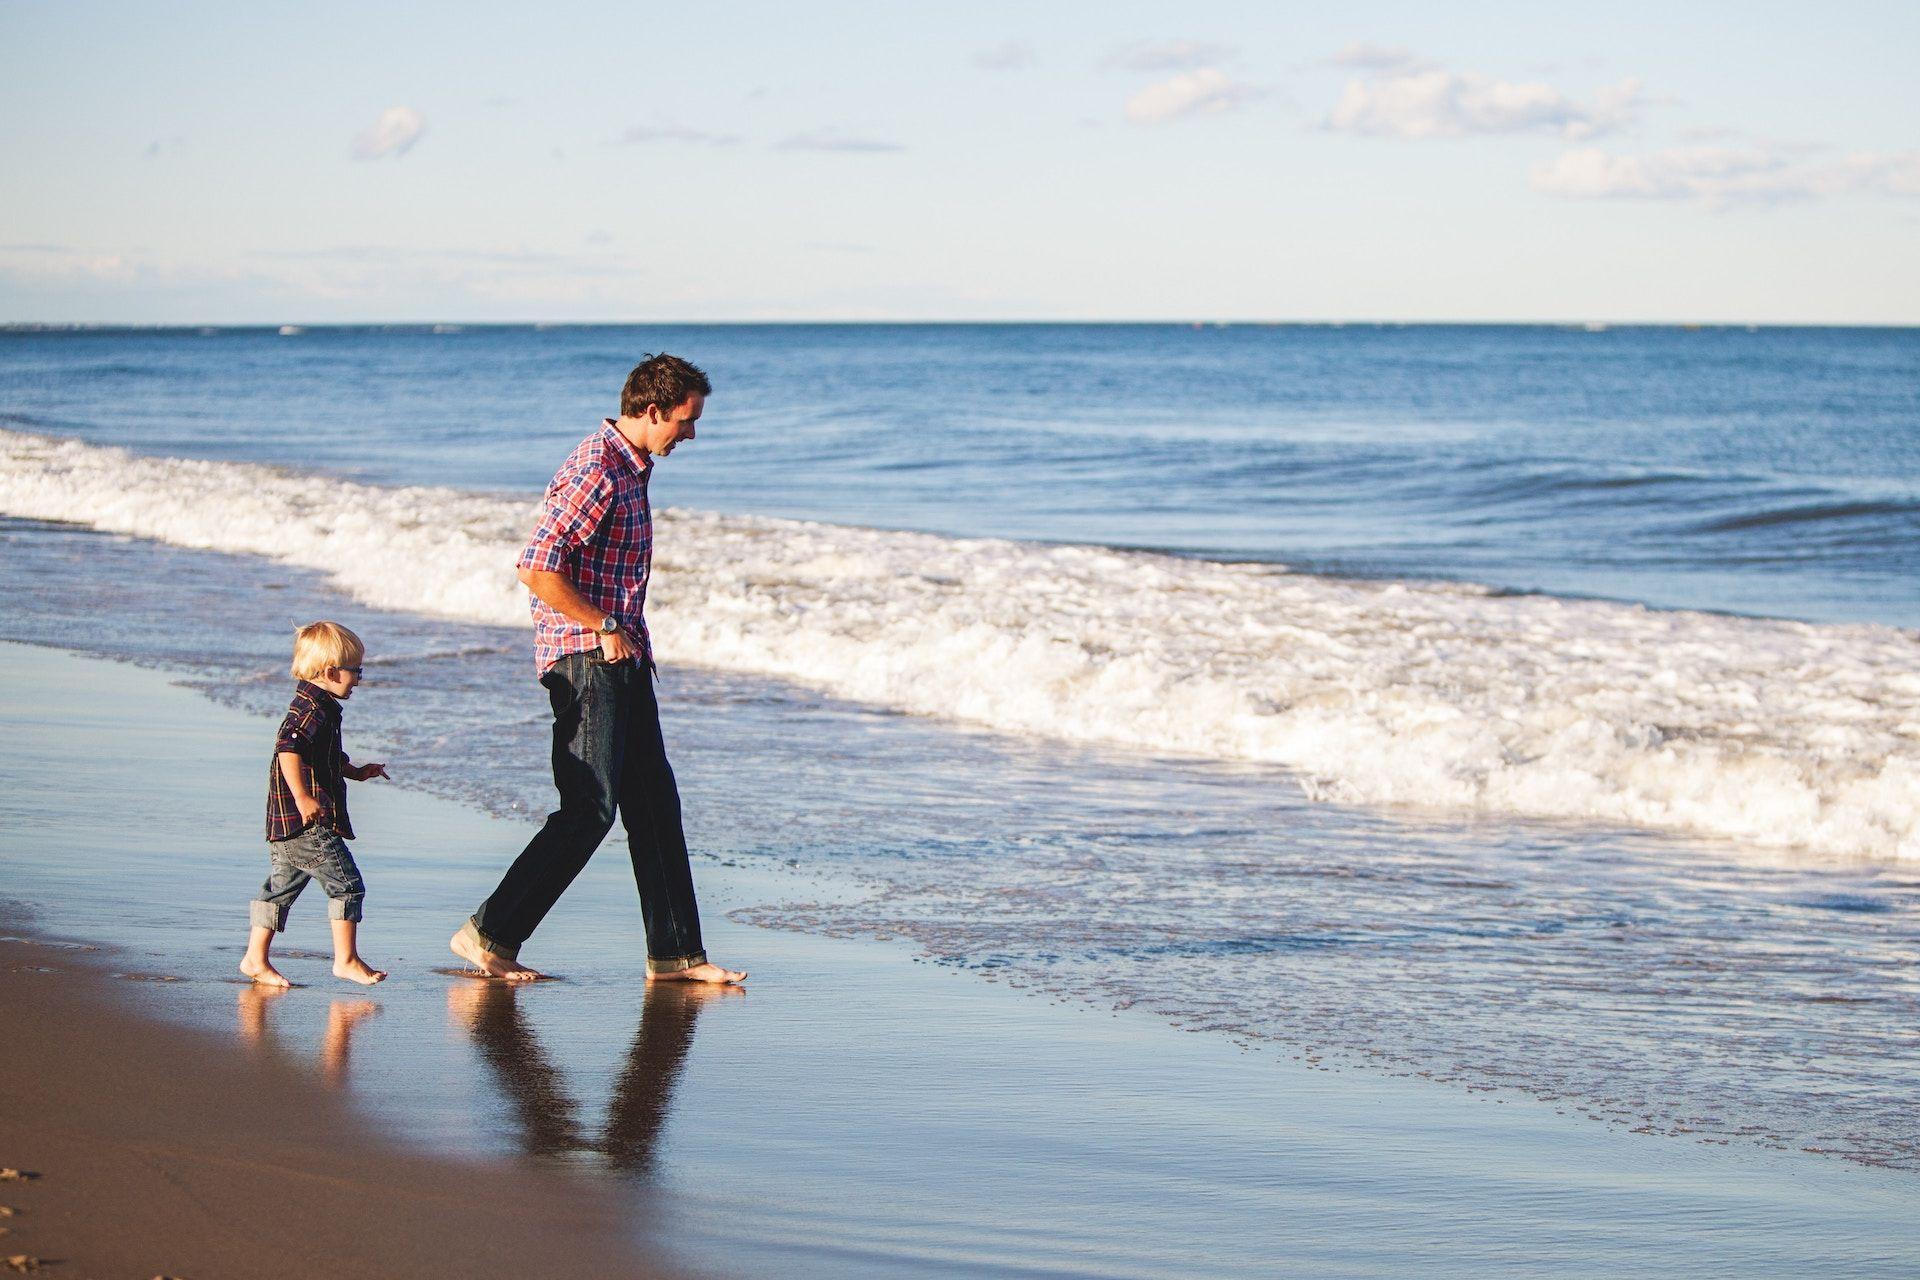 ¿Vacaciones en familia o juguetes?